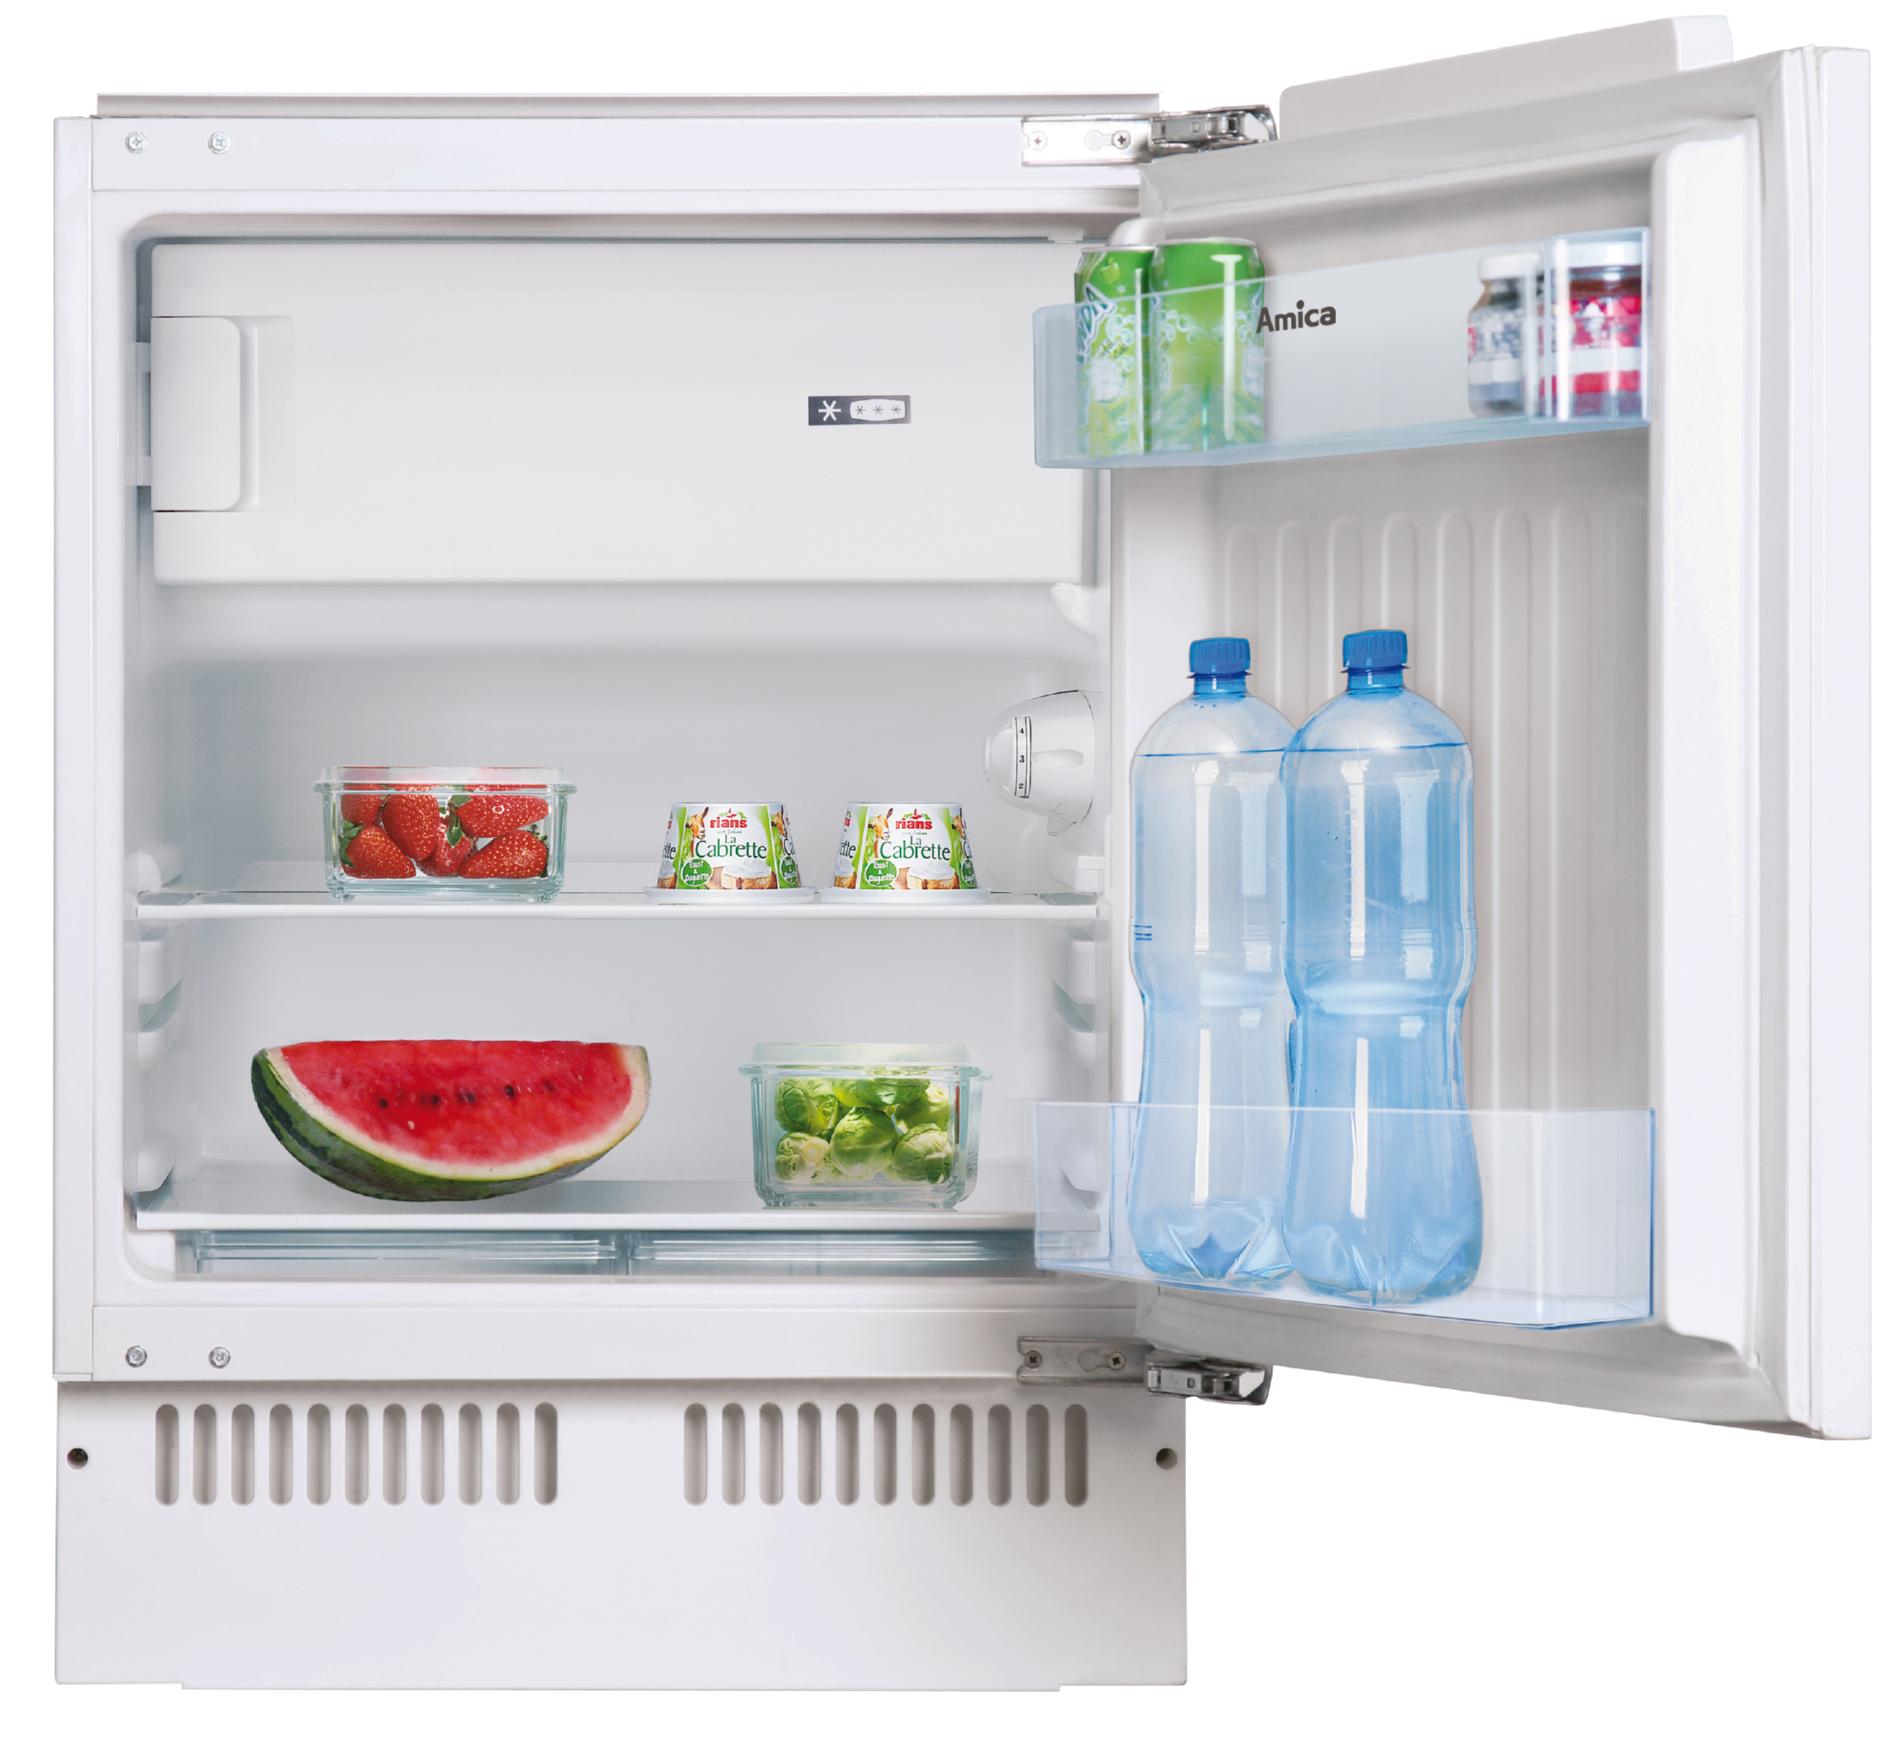 UM130.3/UKS16148 - Ugradbeni hladnjak